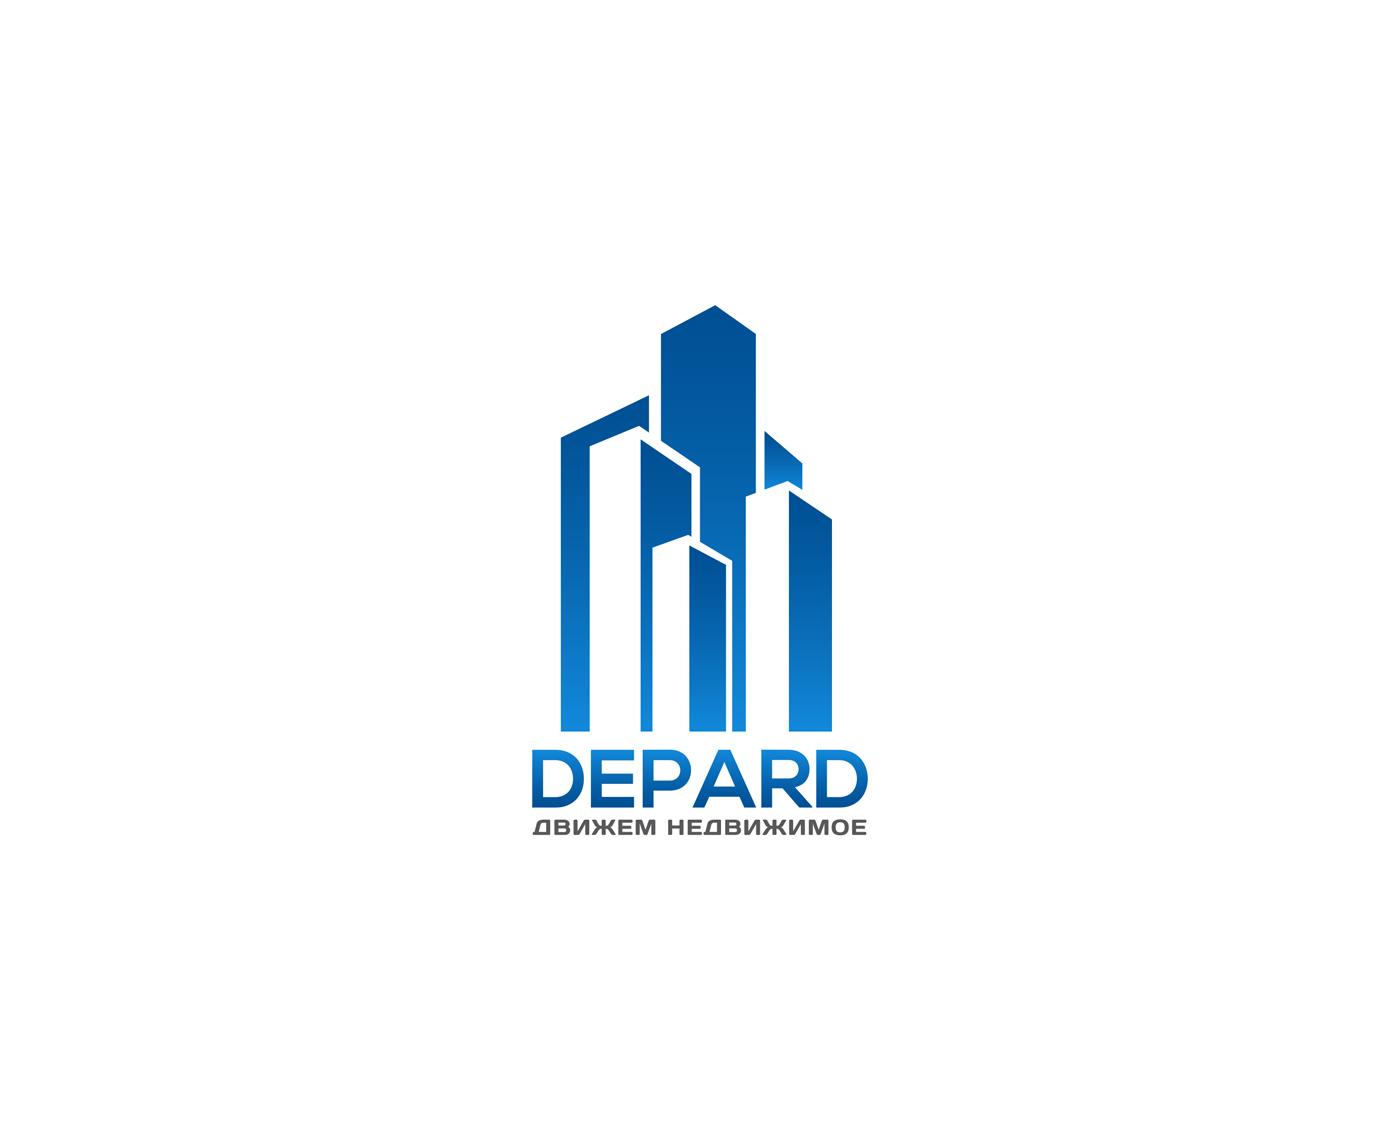 Логотип для компании (услуги недвижимость) фото f_8845932d9b310921.jpg